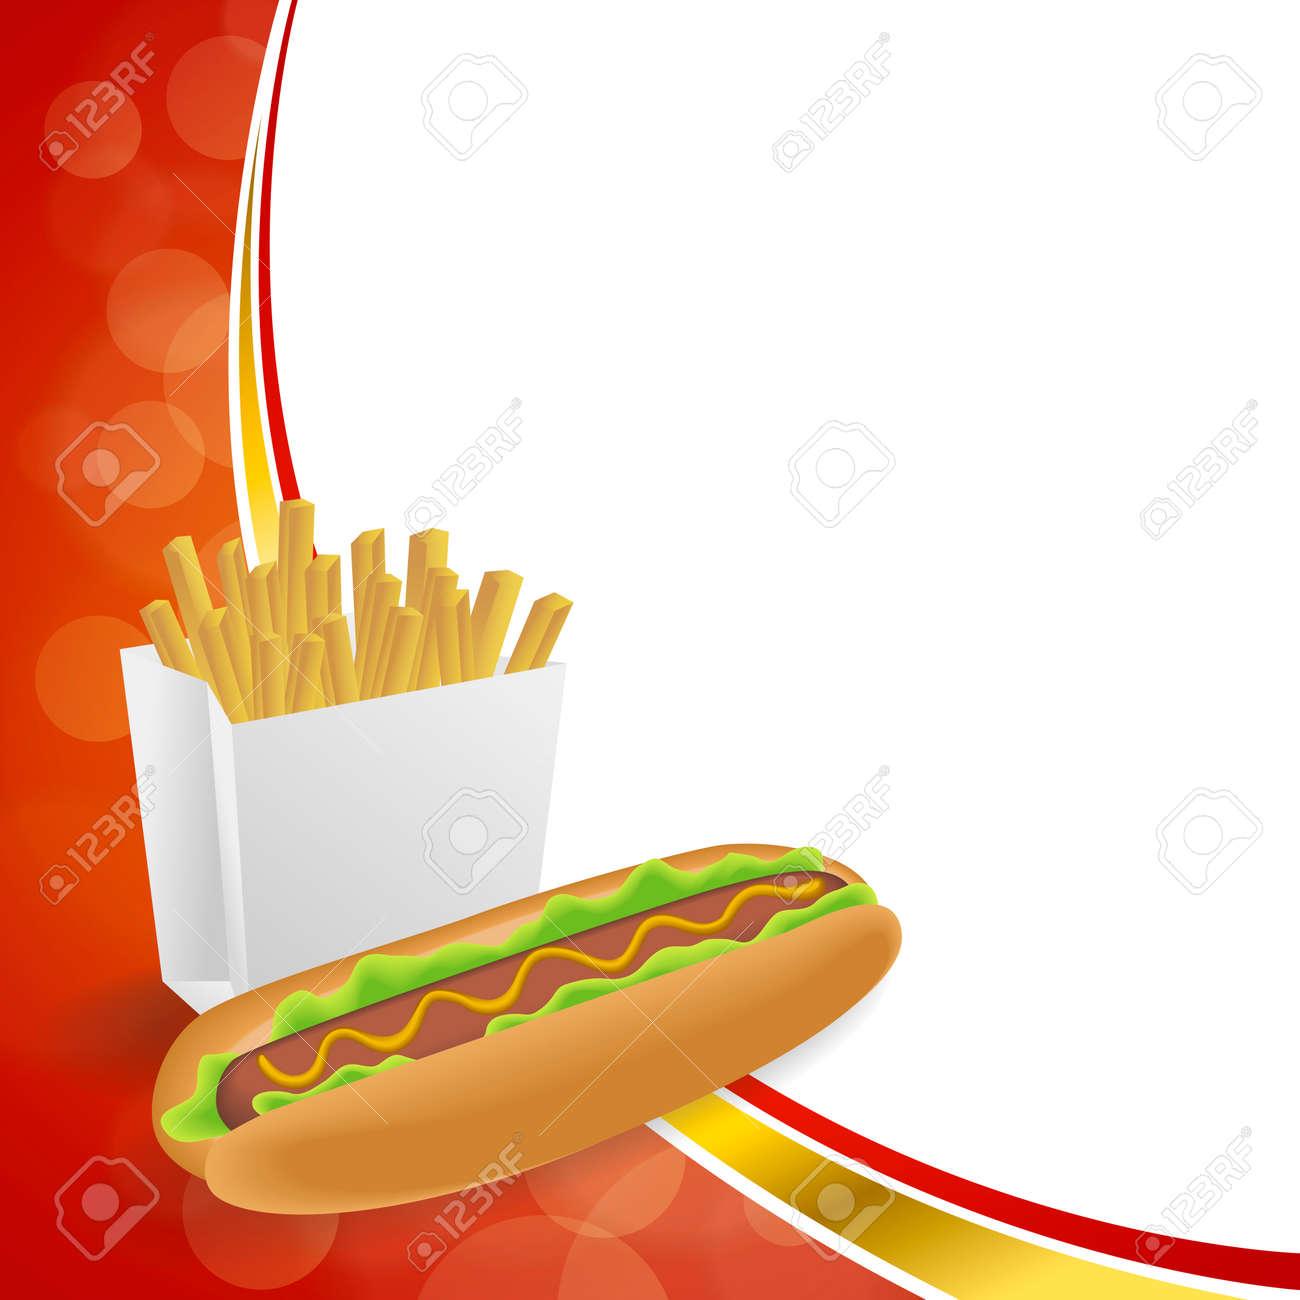 Zusammenfassung Hintergrund Hot Dog Weiß Französisch Frites Box Rot